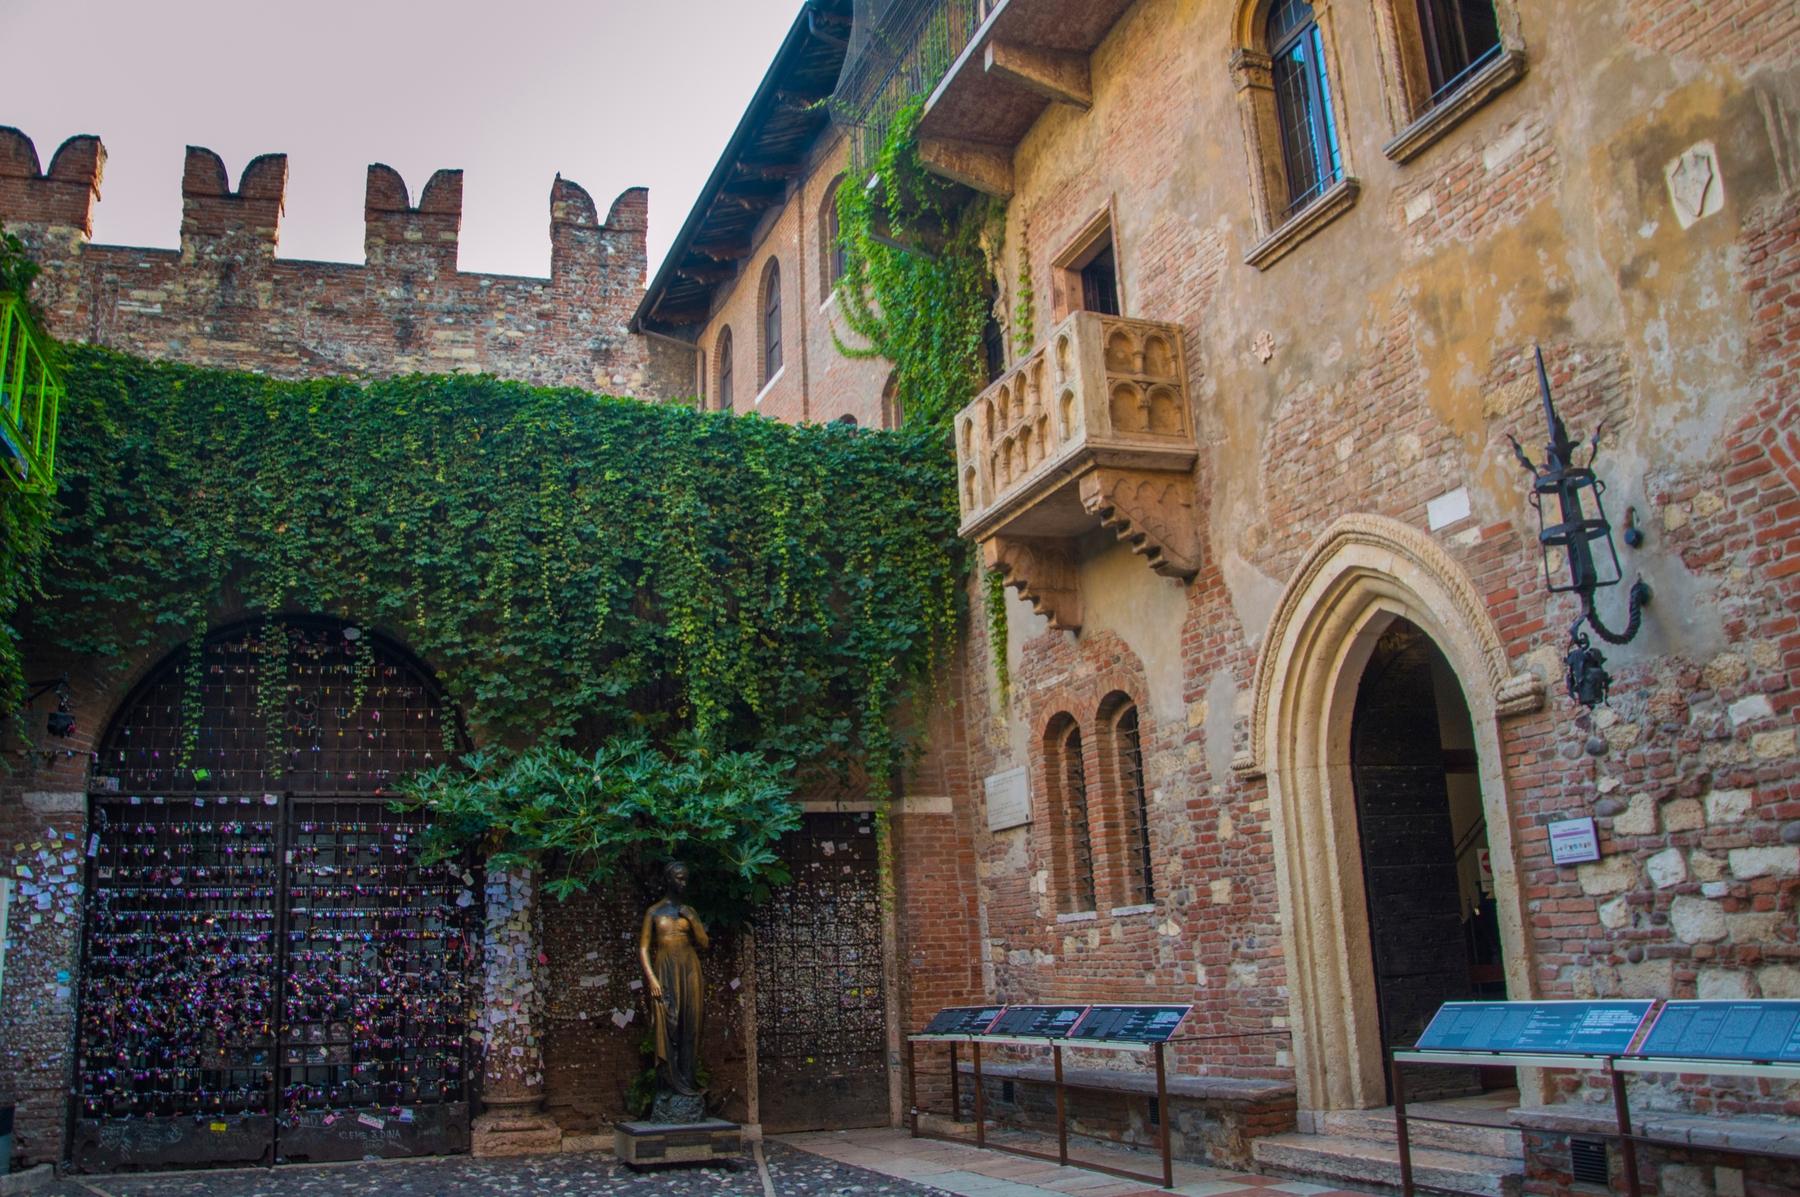 Балкон Джульетты и ее бронзовая статуя в Вероне.